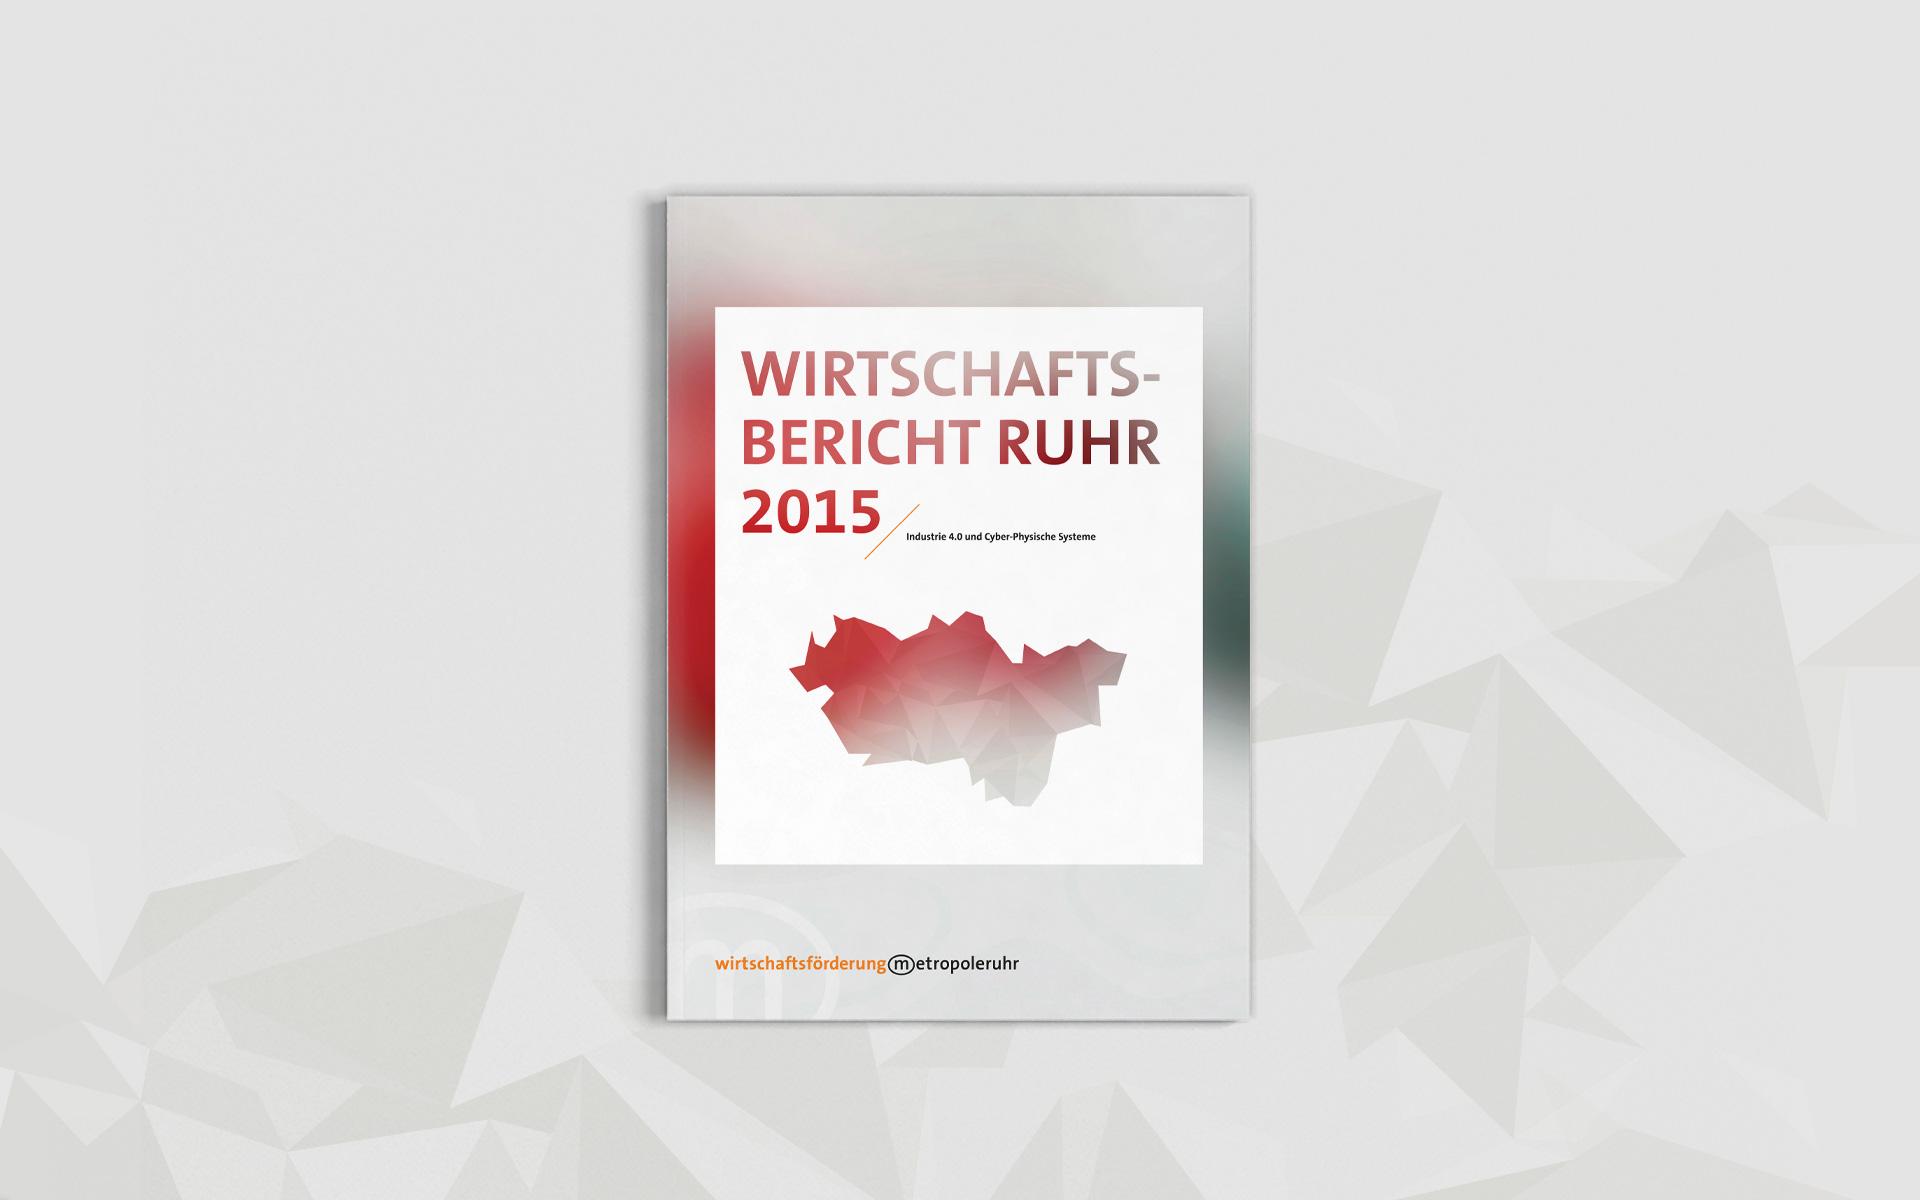 Wirtschaftsbericht Ruhr 2015